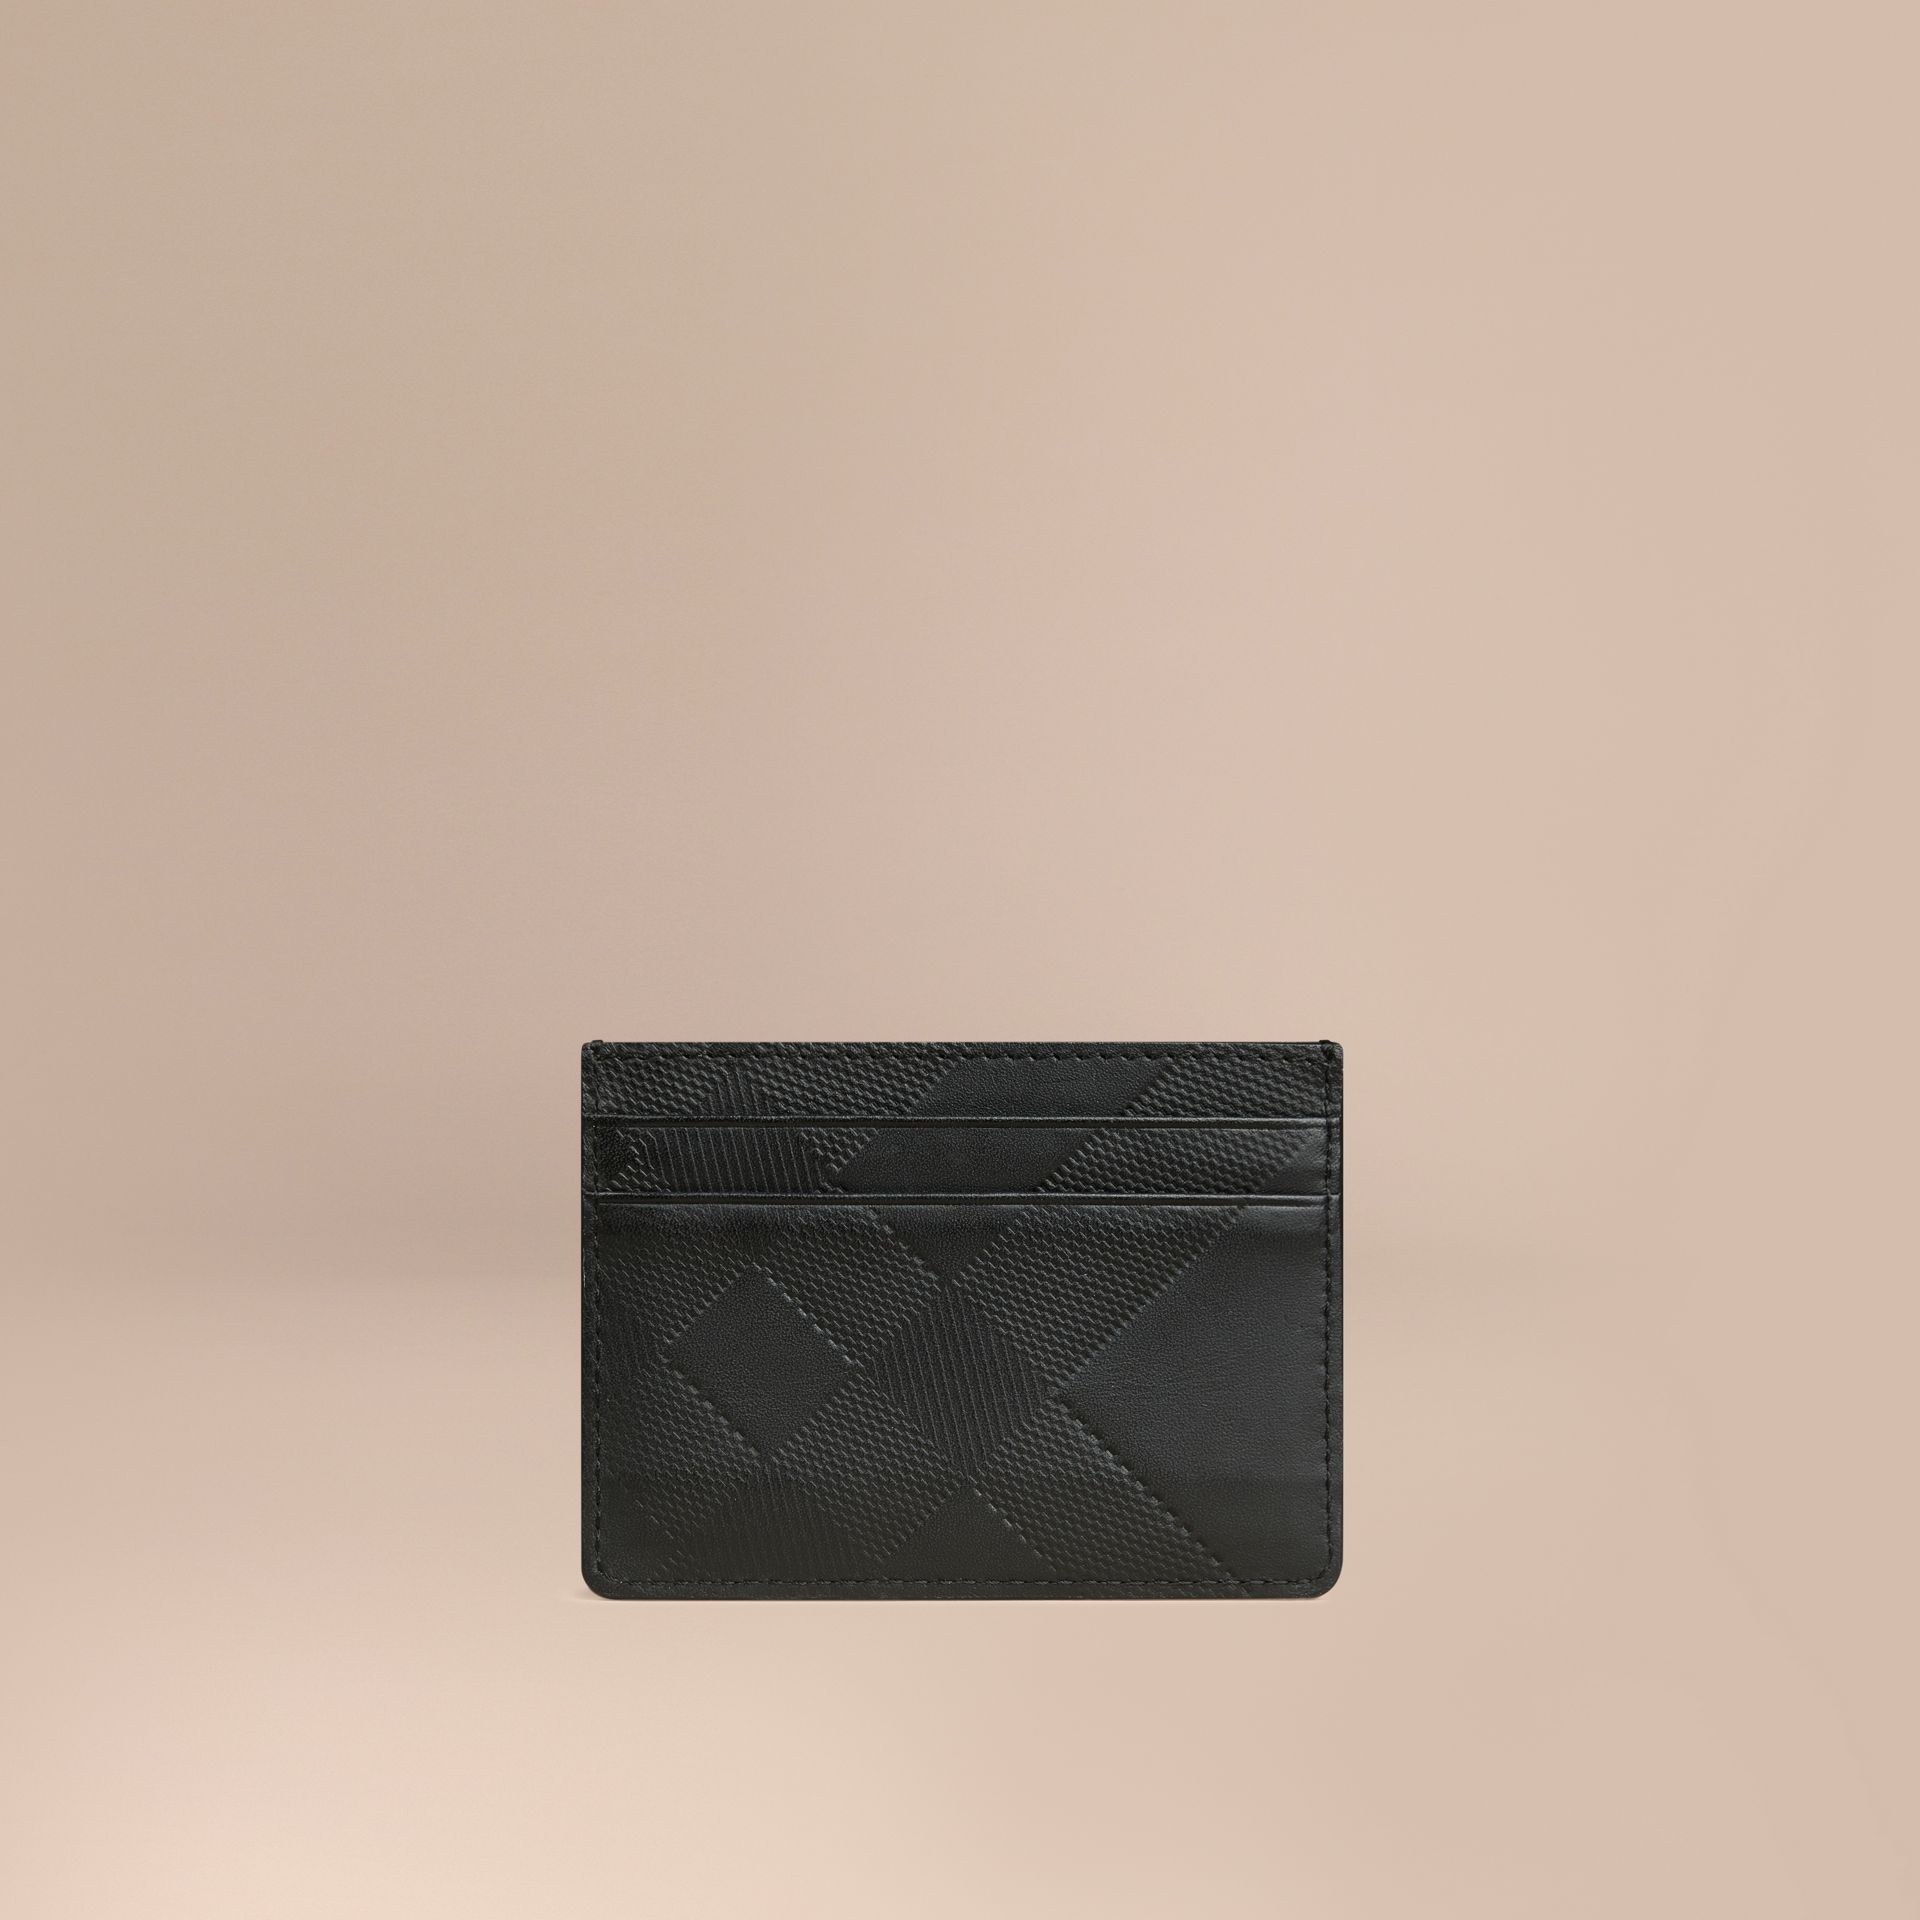 Nero Porta carte di credito in pelle con motivo check in rilievo Nero - immagine della galleria 1